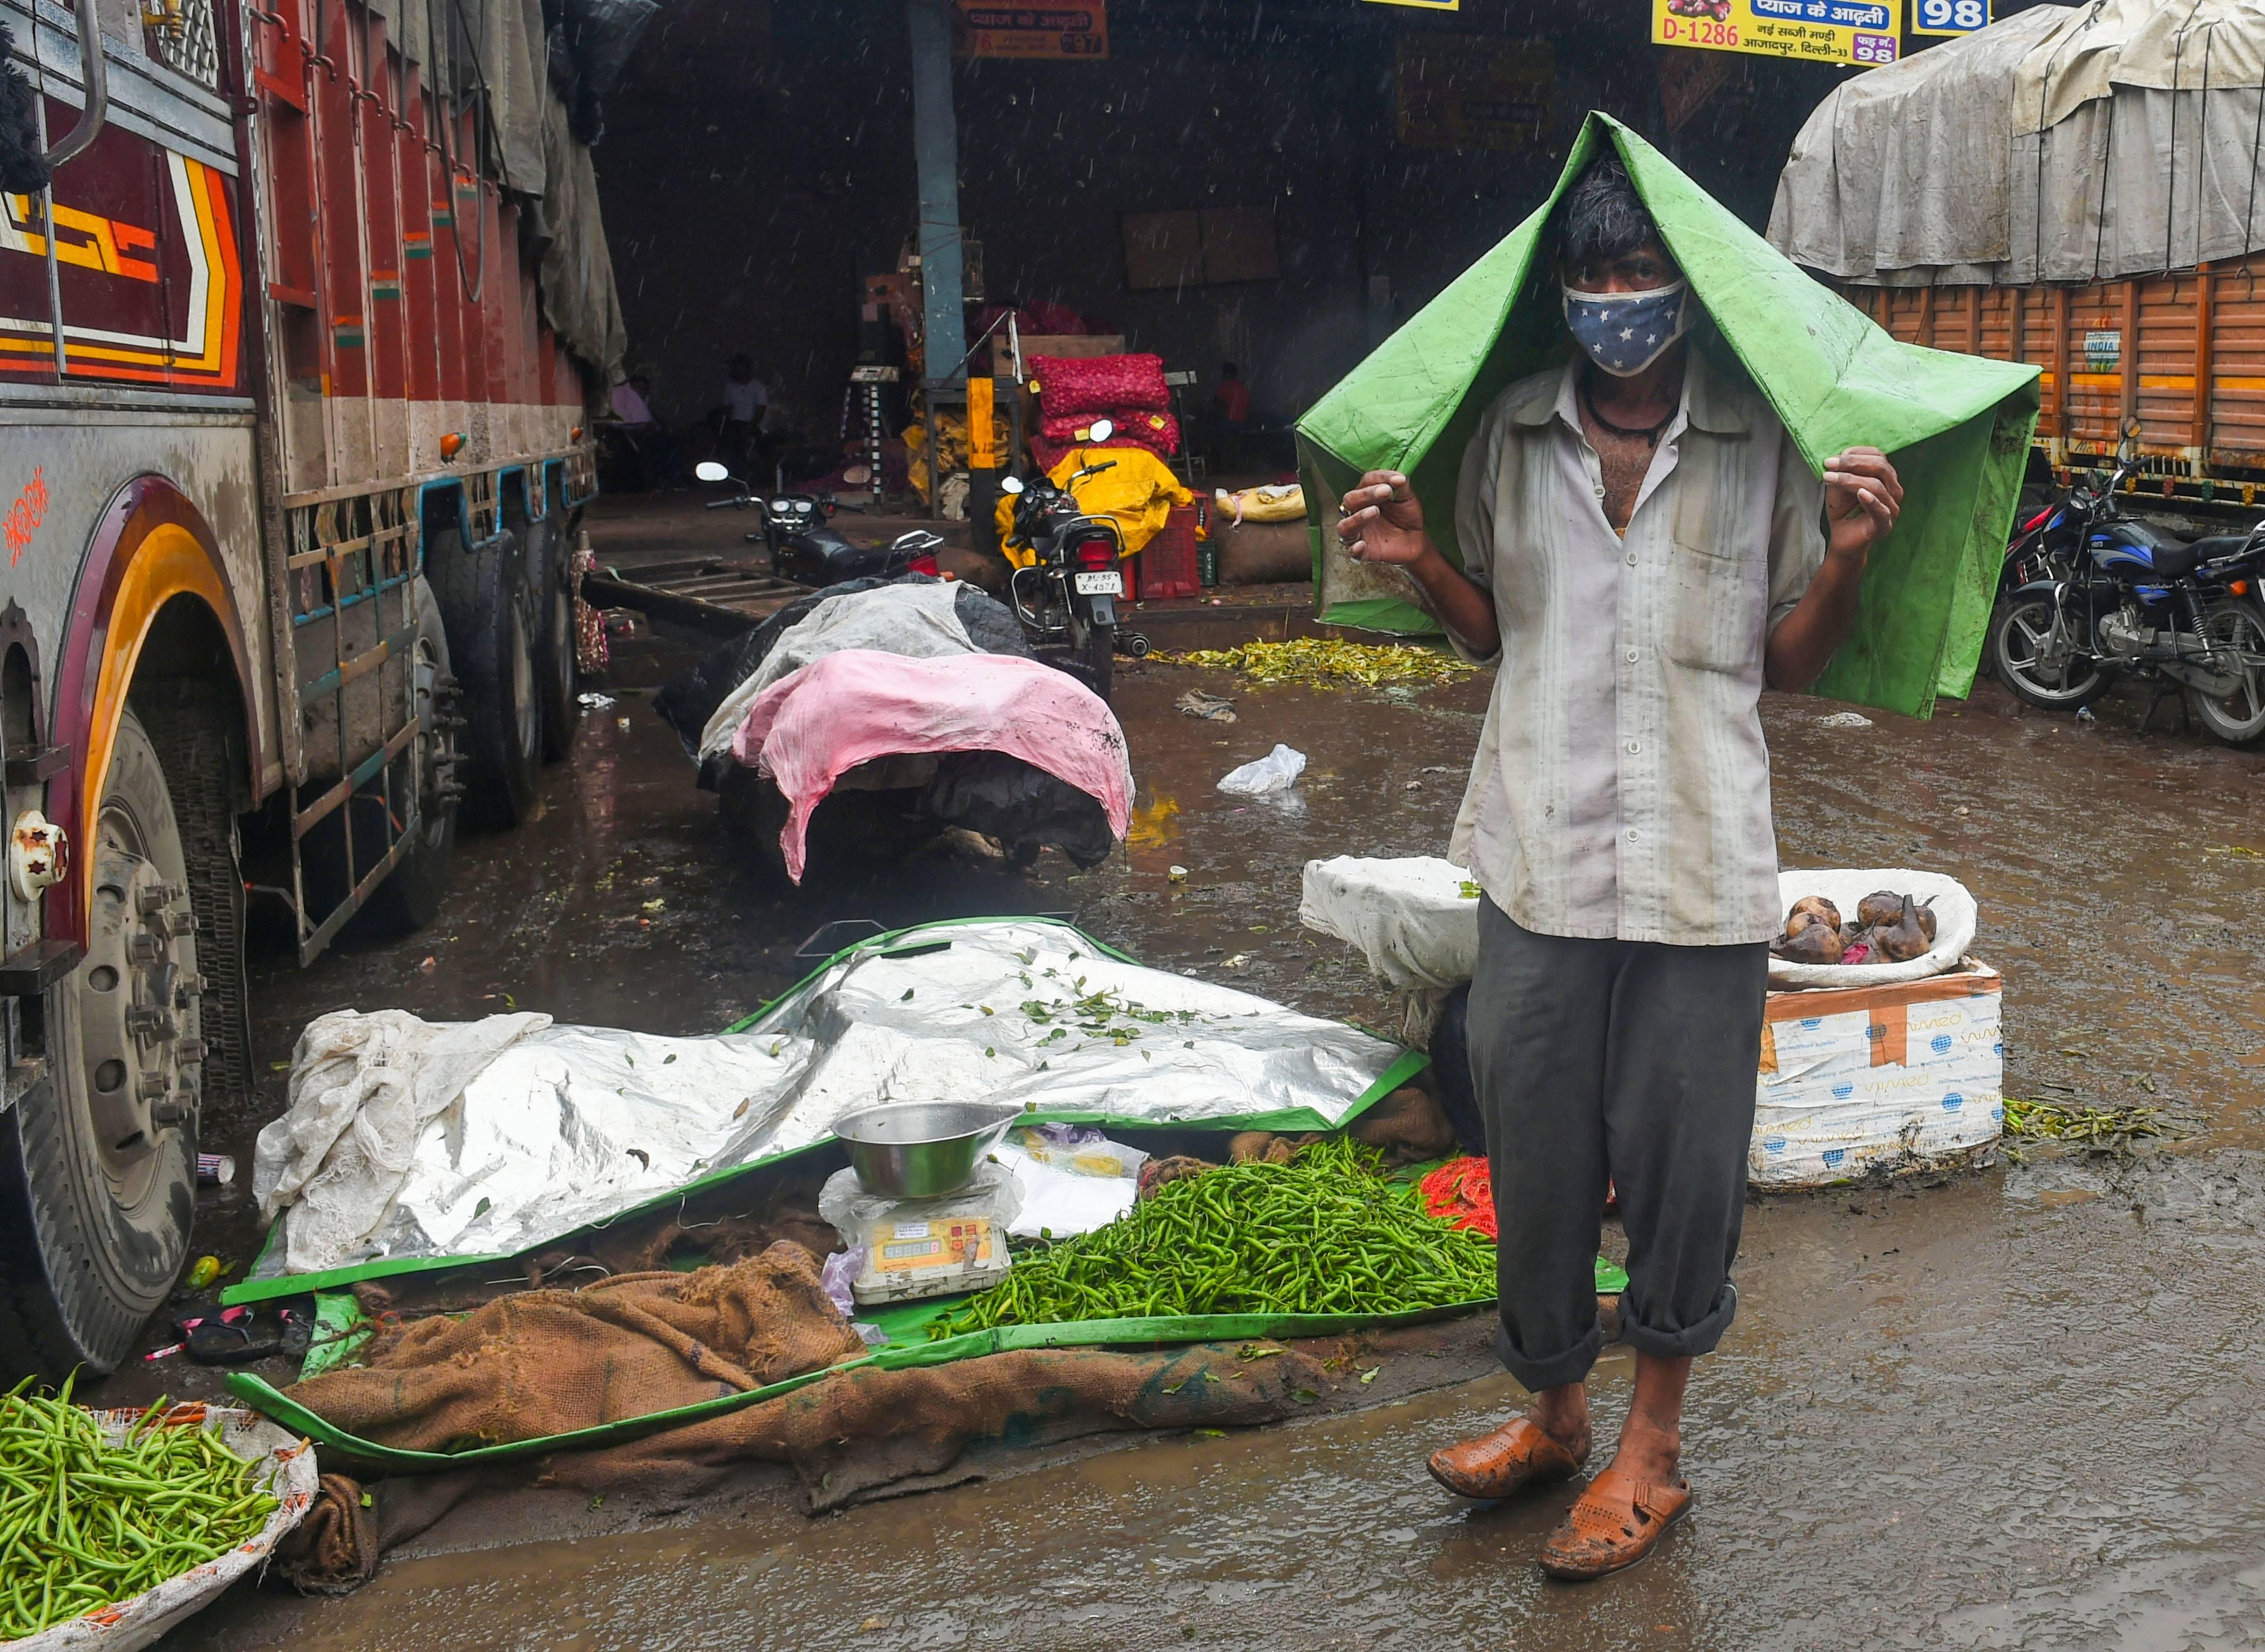 കനത്ത മഴയില് വെള്ളം കയറിയ ദില്ലി നഗരം, ചിത്രങ്ങള്